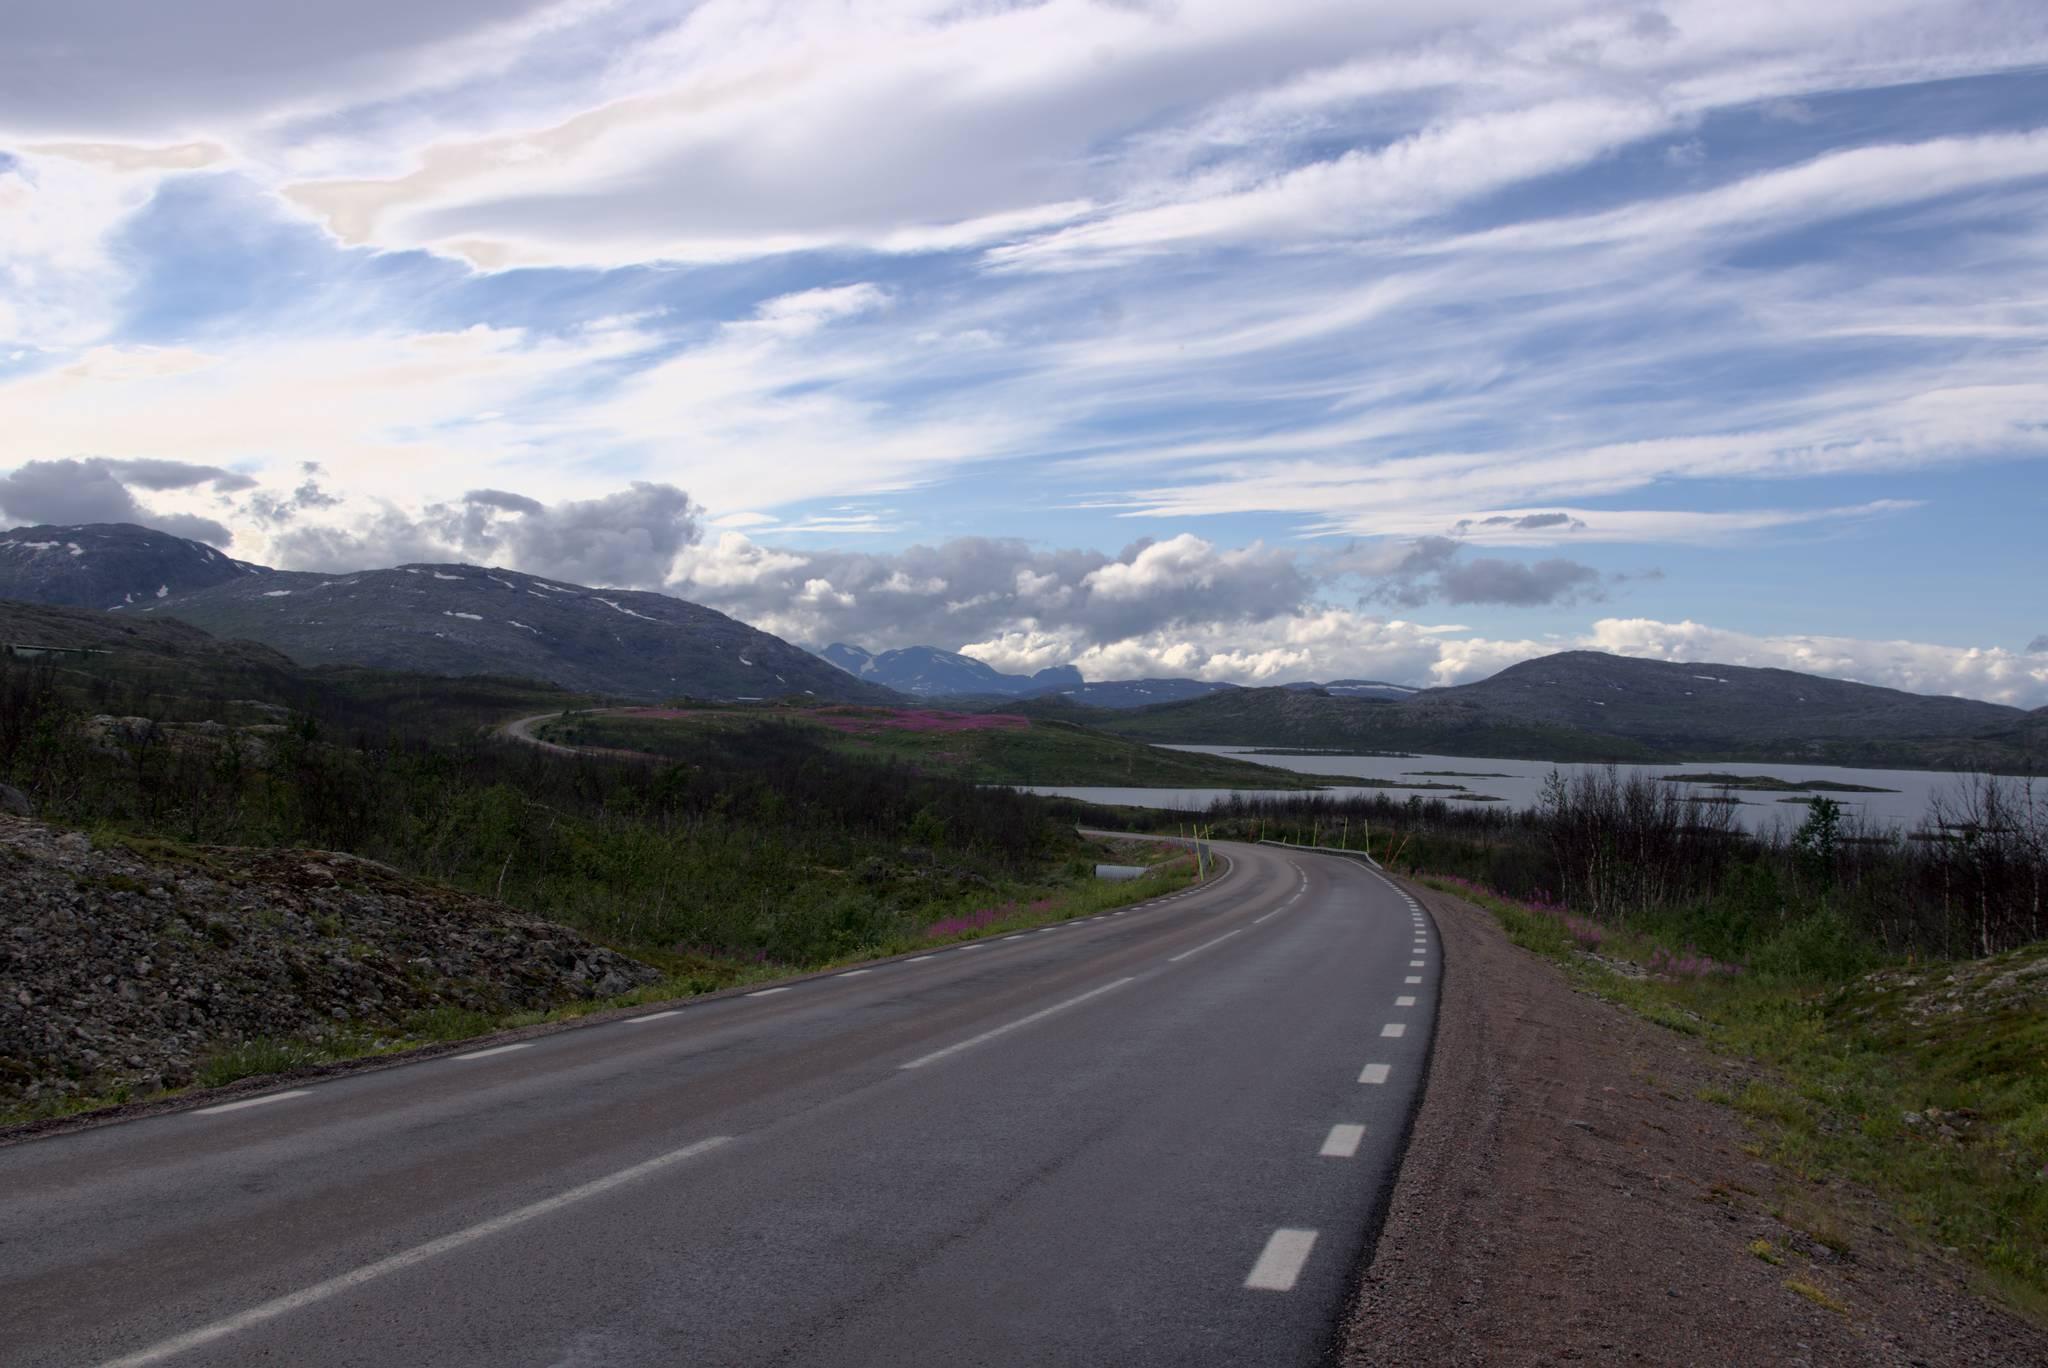 jeszcze tylko parę pagórków i z powrotem do Norwegii